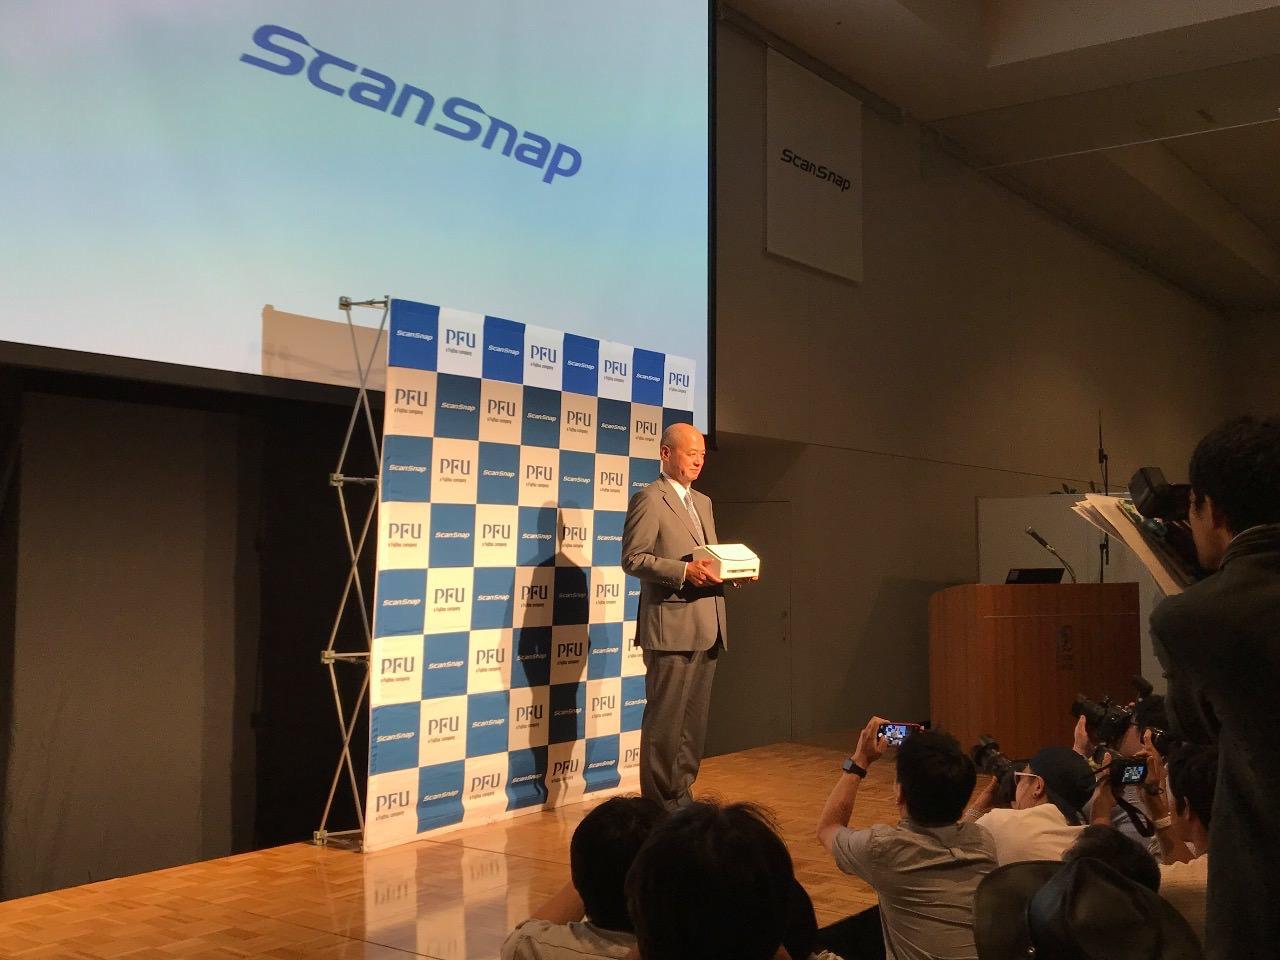 【速報】タッチパネル搭載・ワンタッチで簡単操作「ScanSnap iX1500」発表会レポート #ScanSnap